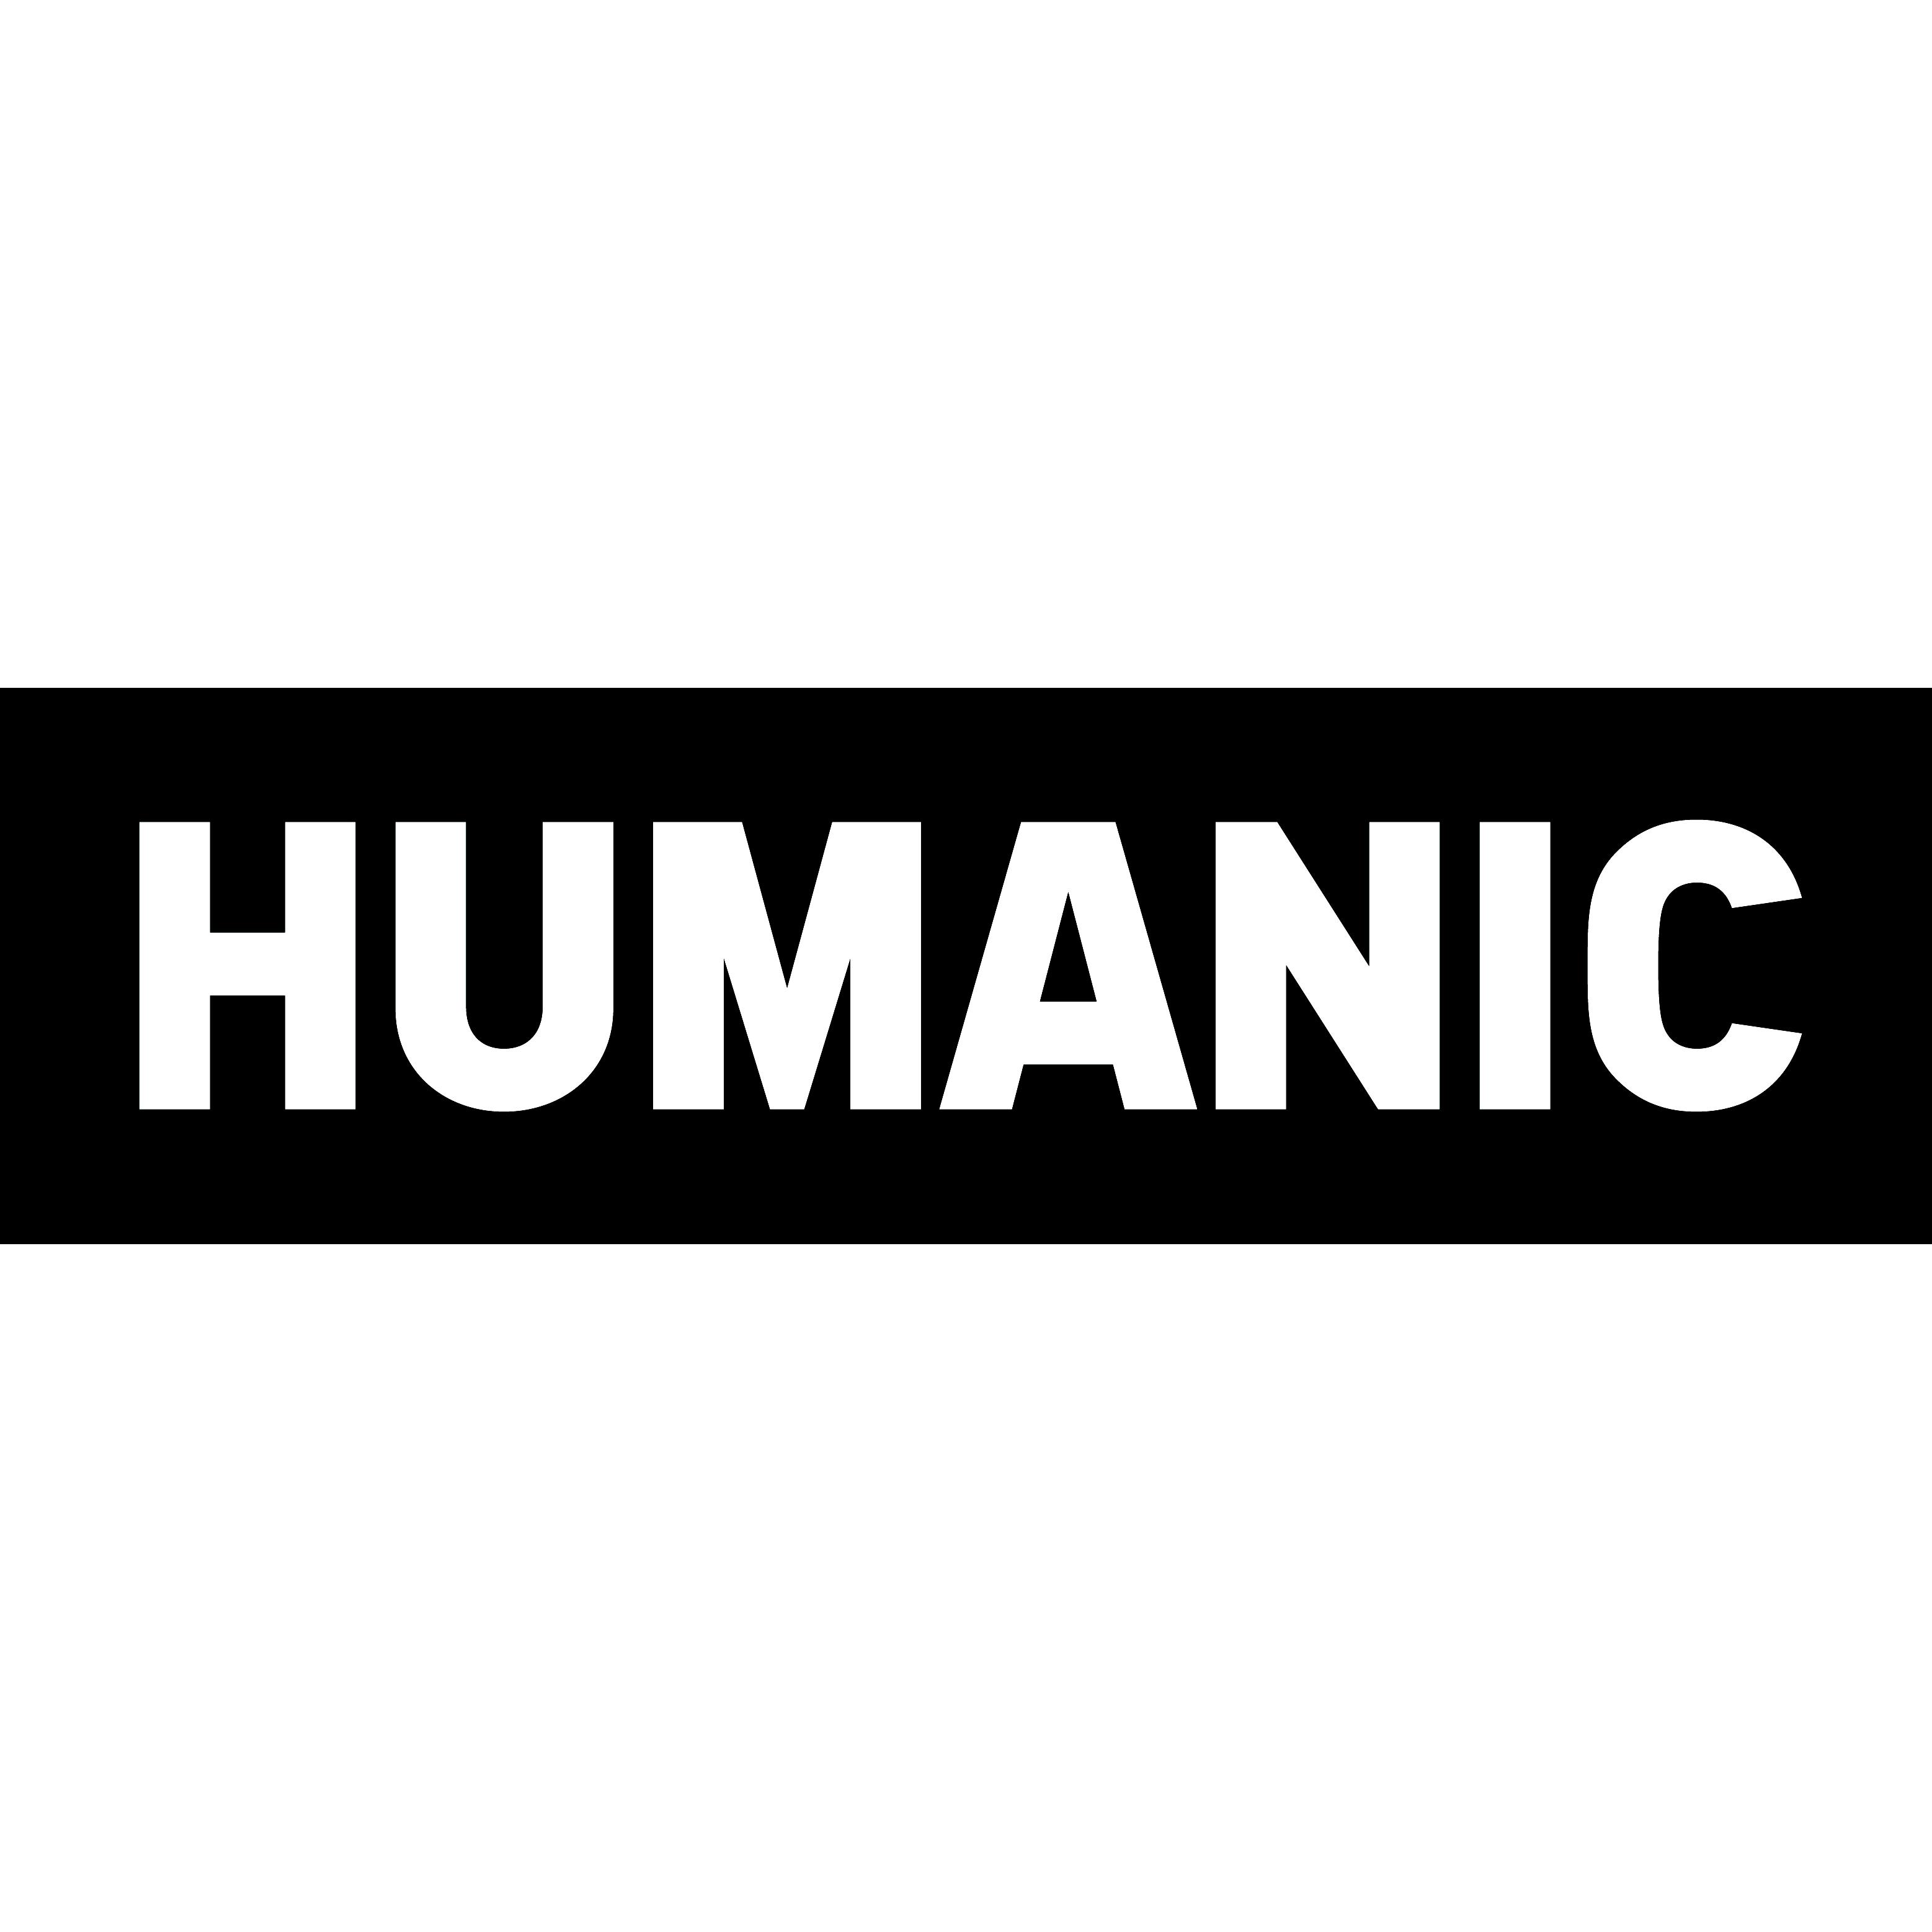 19a53d3d63 XI. kerület - Újbuda   Humanic - Allee